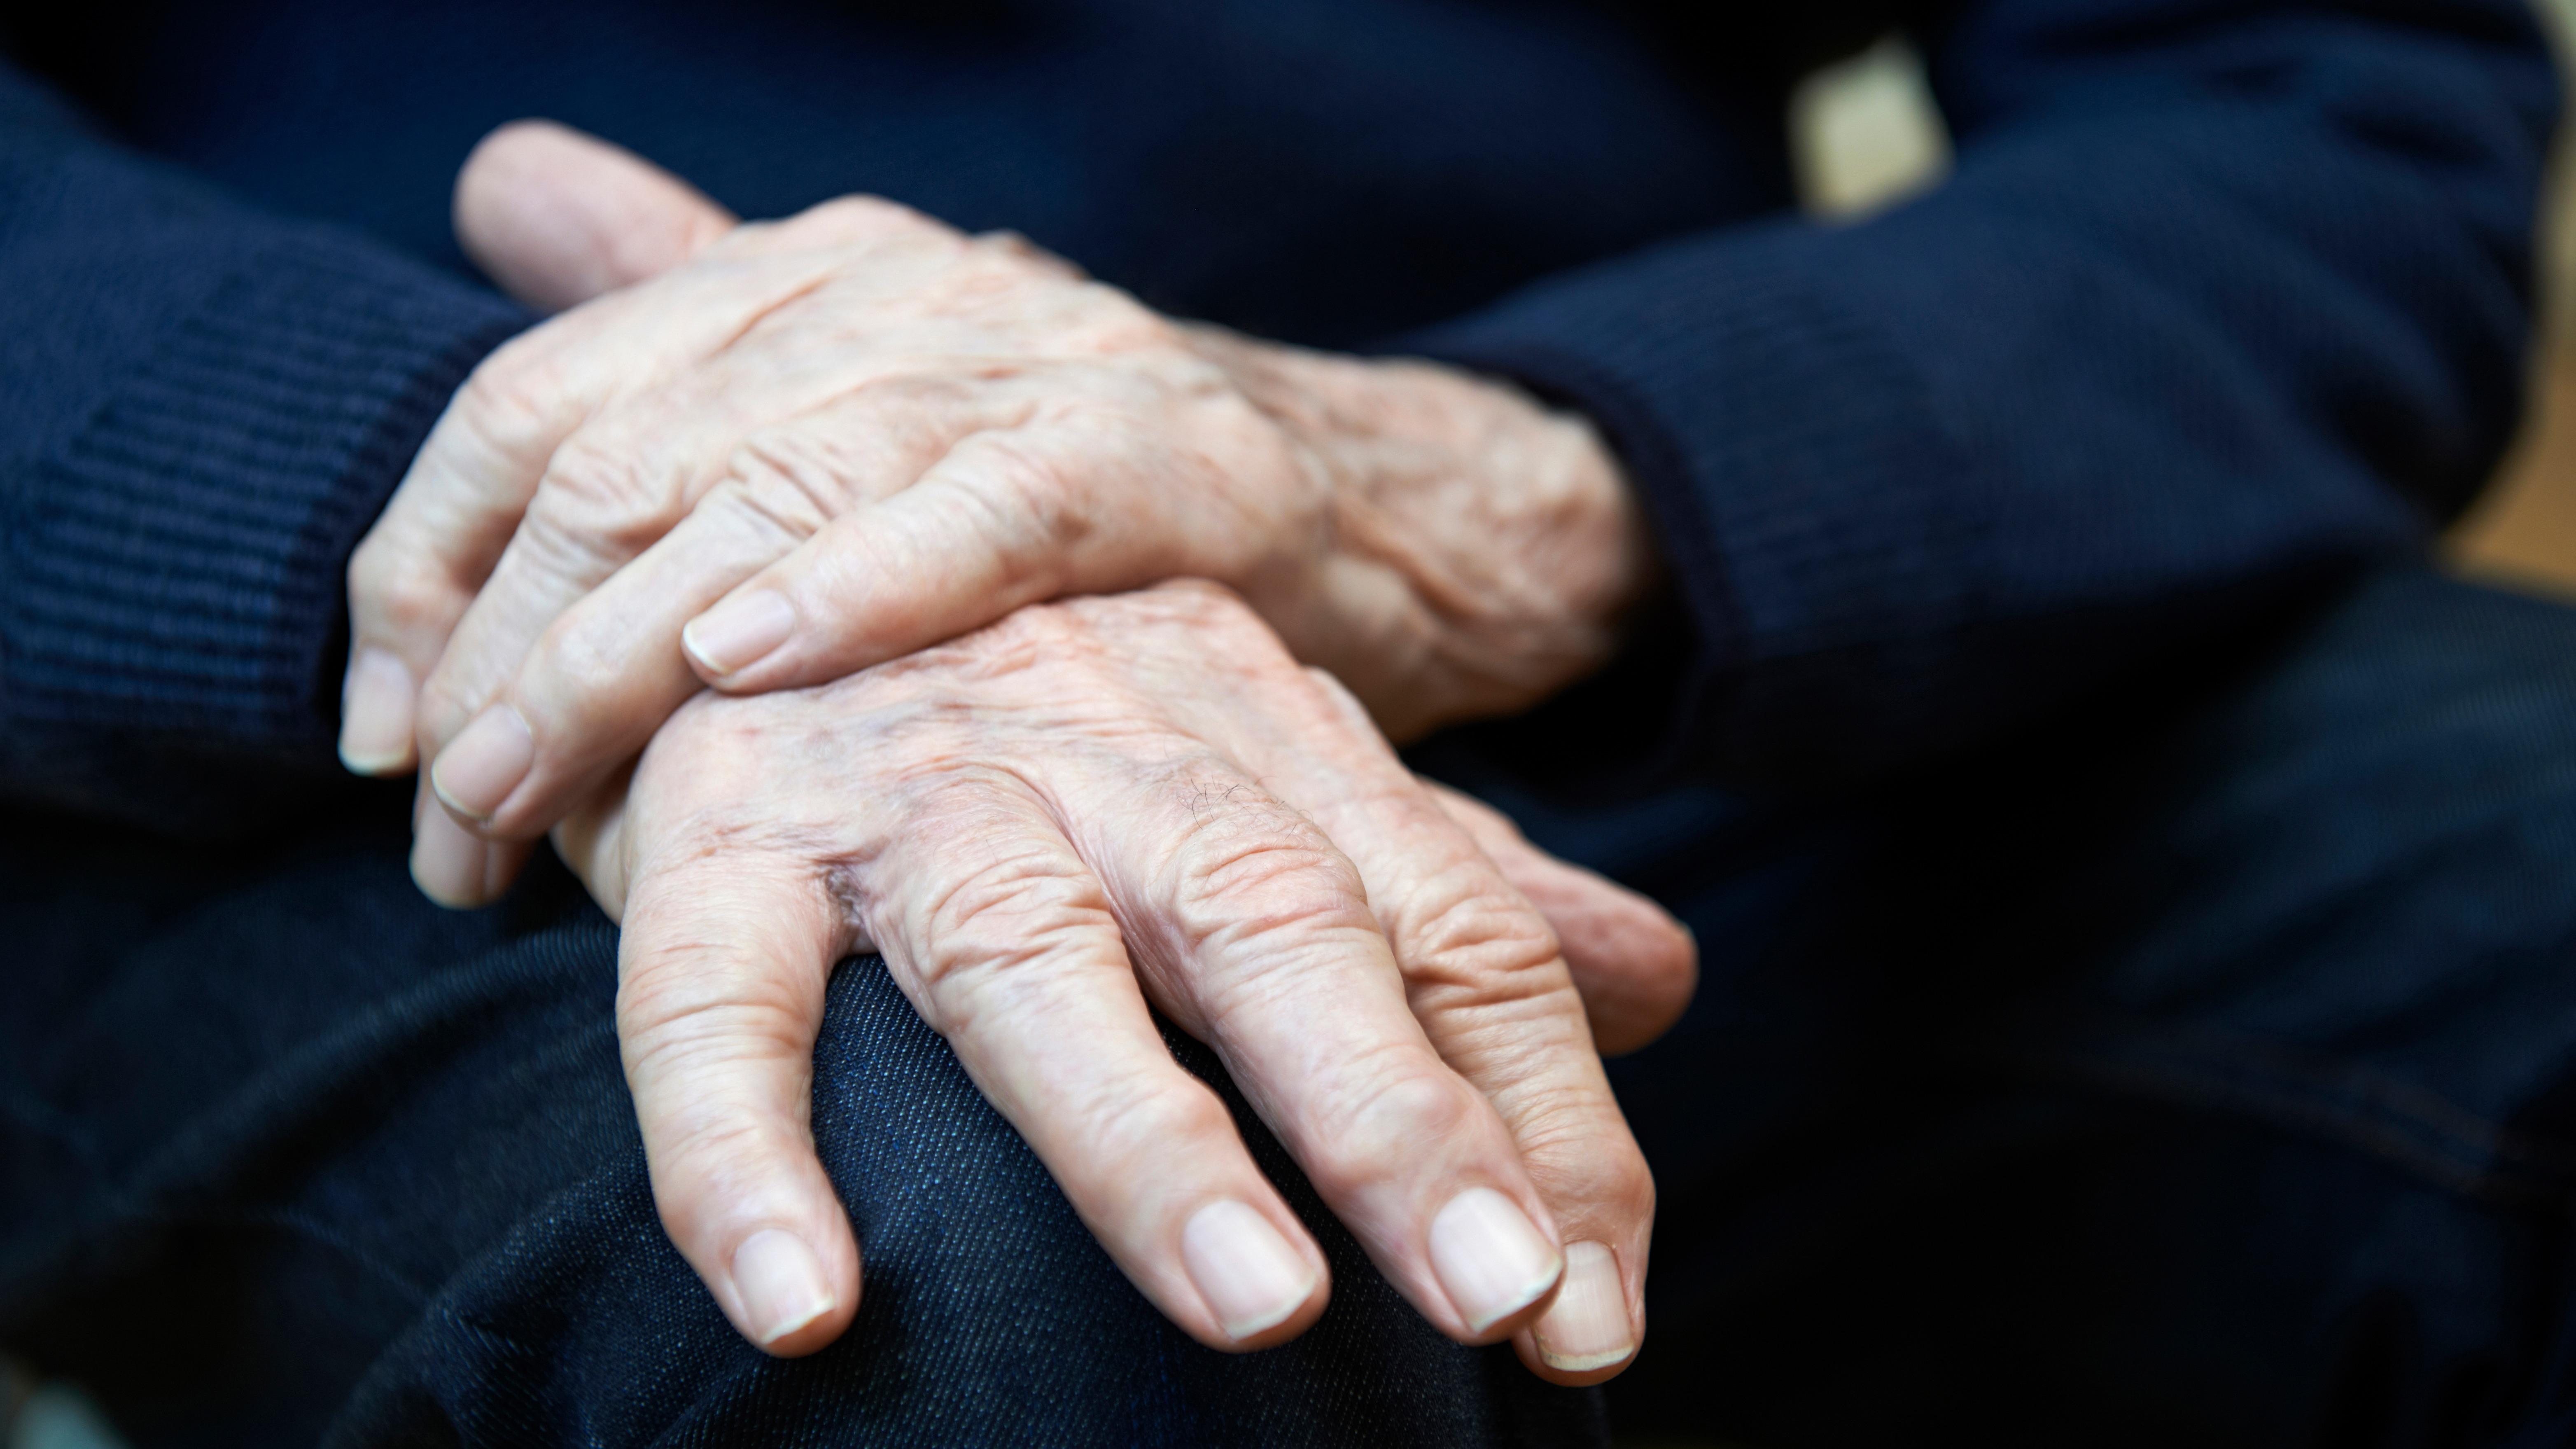 El Parkinson es más común en las personas de 65 años de edad en adelante.